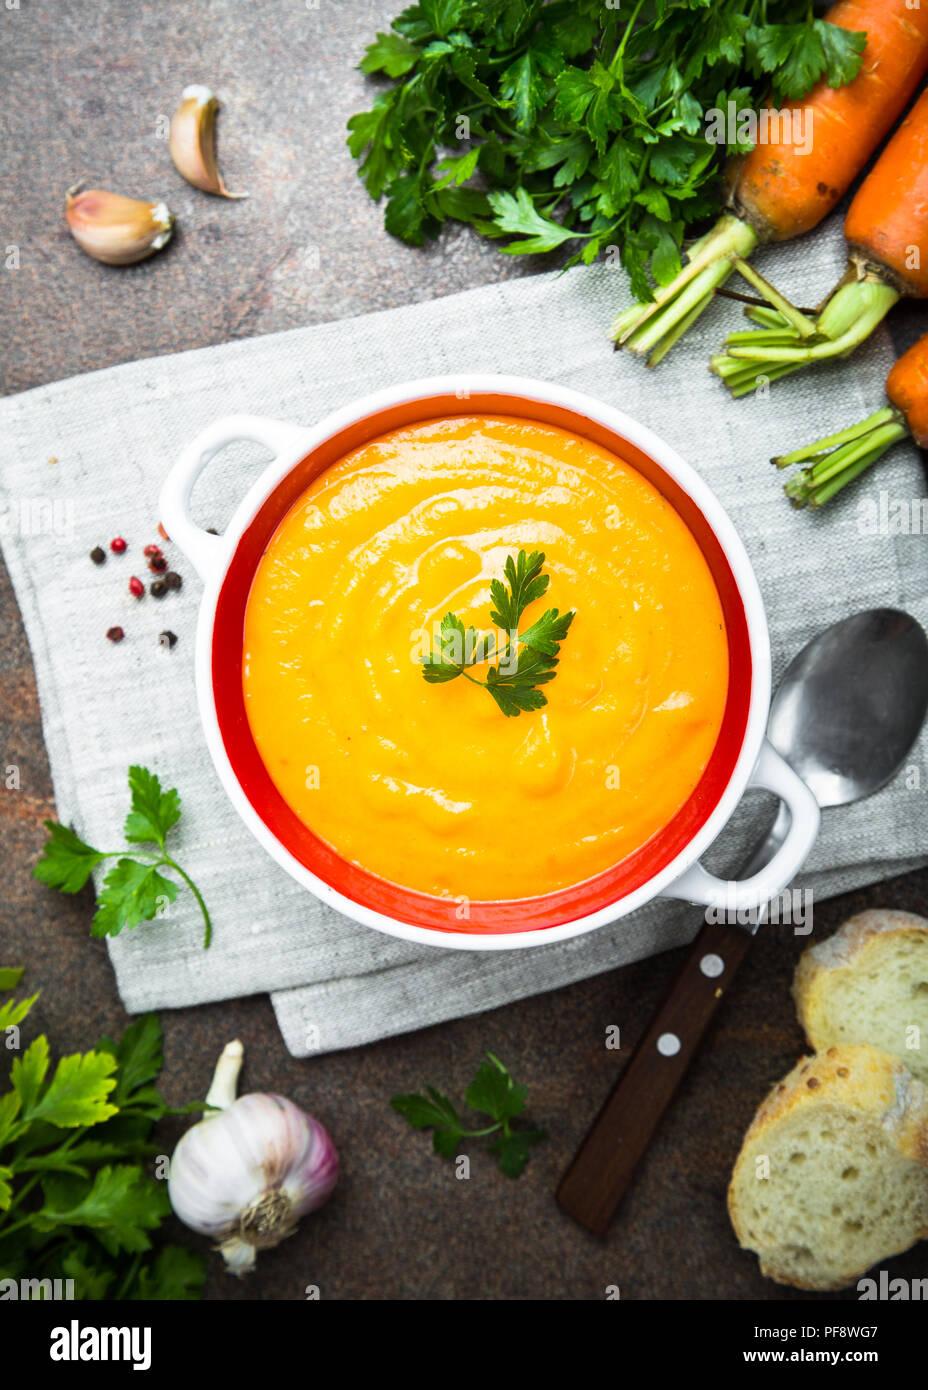 La carota Crema di zuppa su pietra scura tabella. Vegetariano zuppa di verdure. Vista dall'alto. Verticale. Immagini Stock